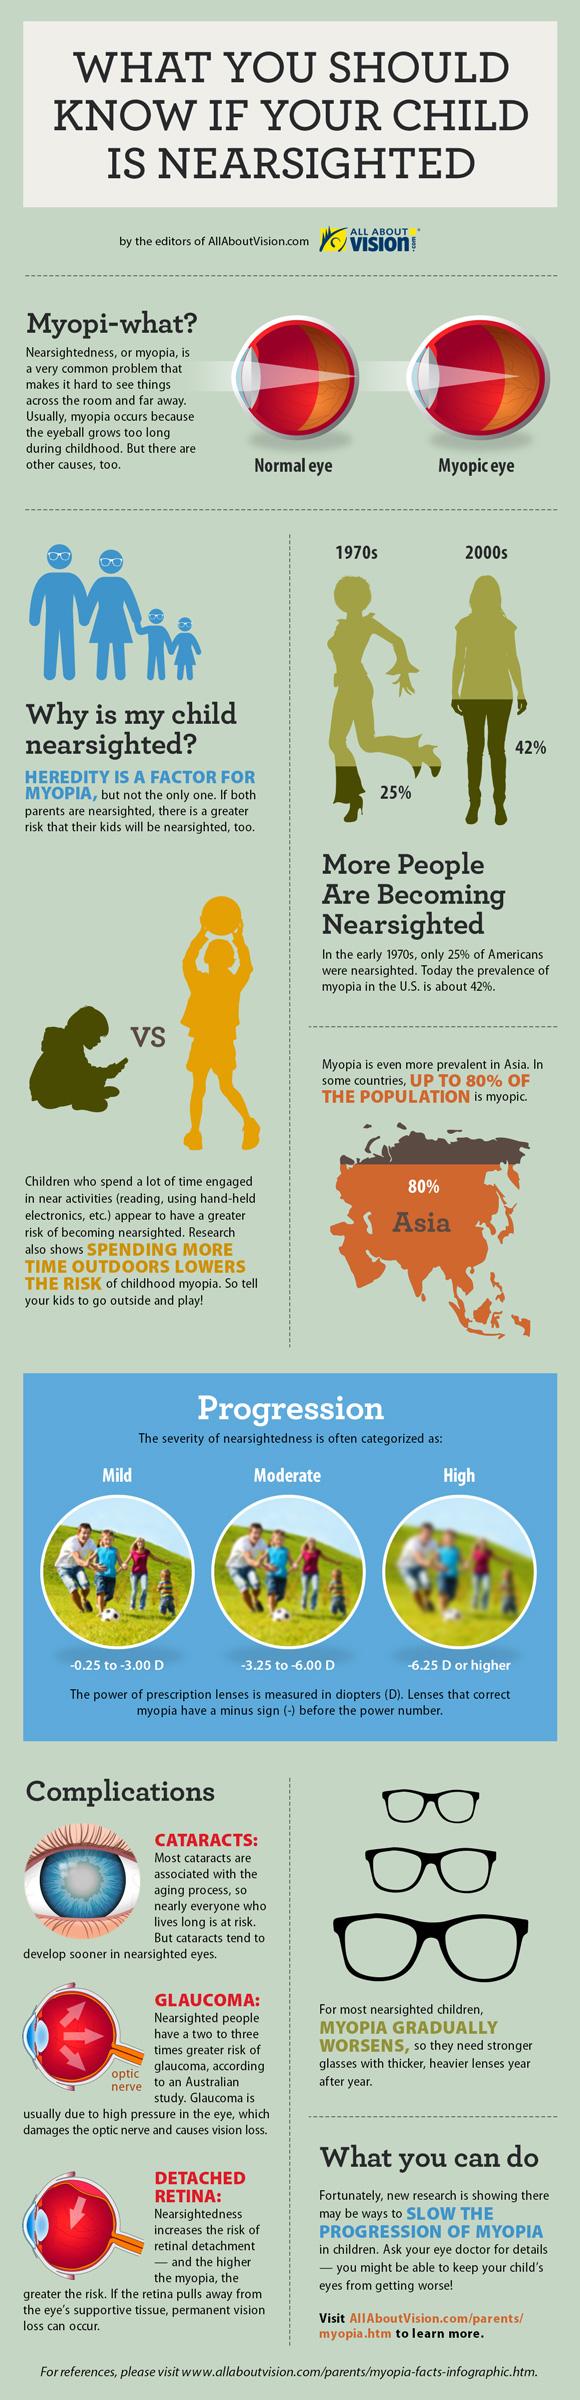 myopia-facts-infographic-580x2400